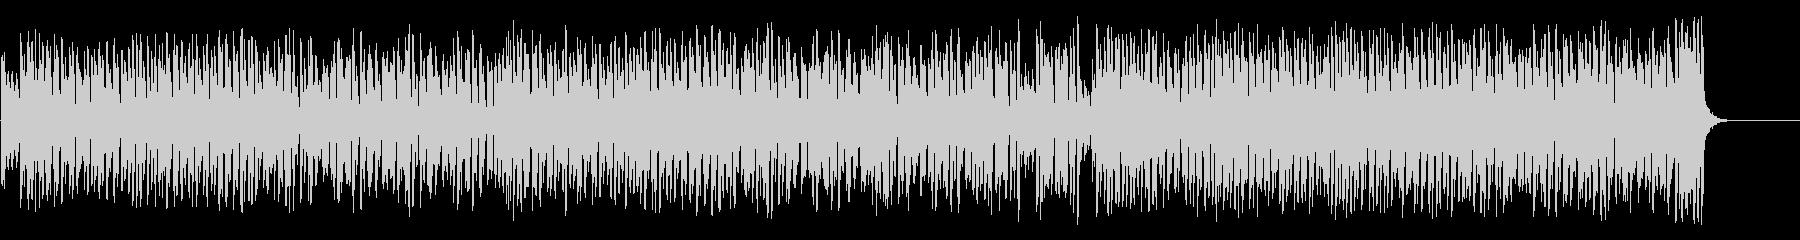 スウィングとピアノのジャズポップスの未再生の波形